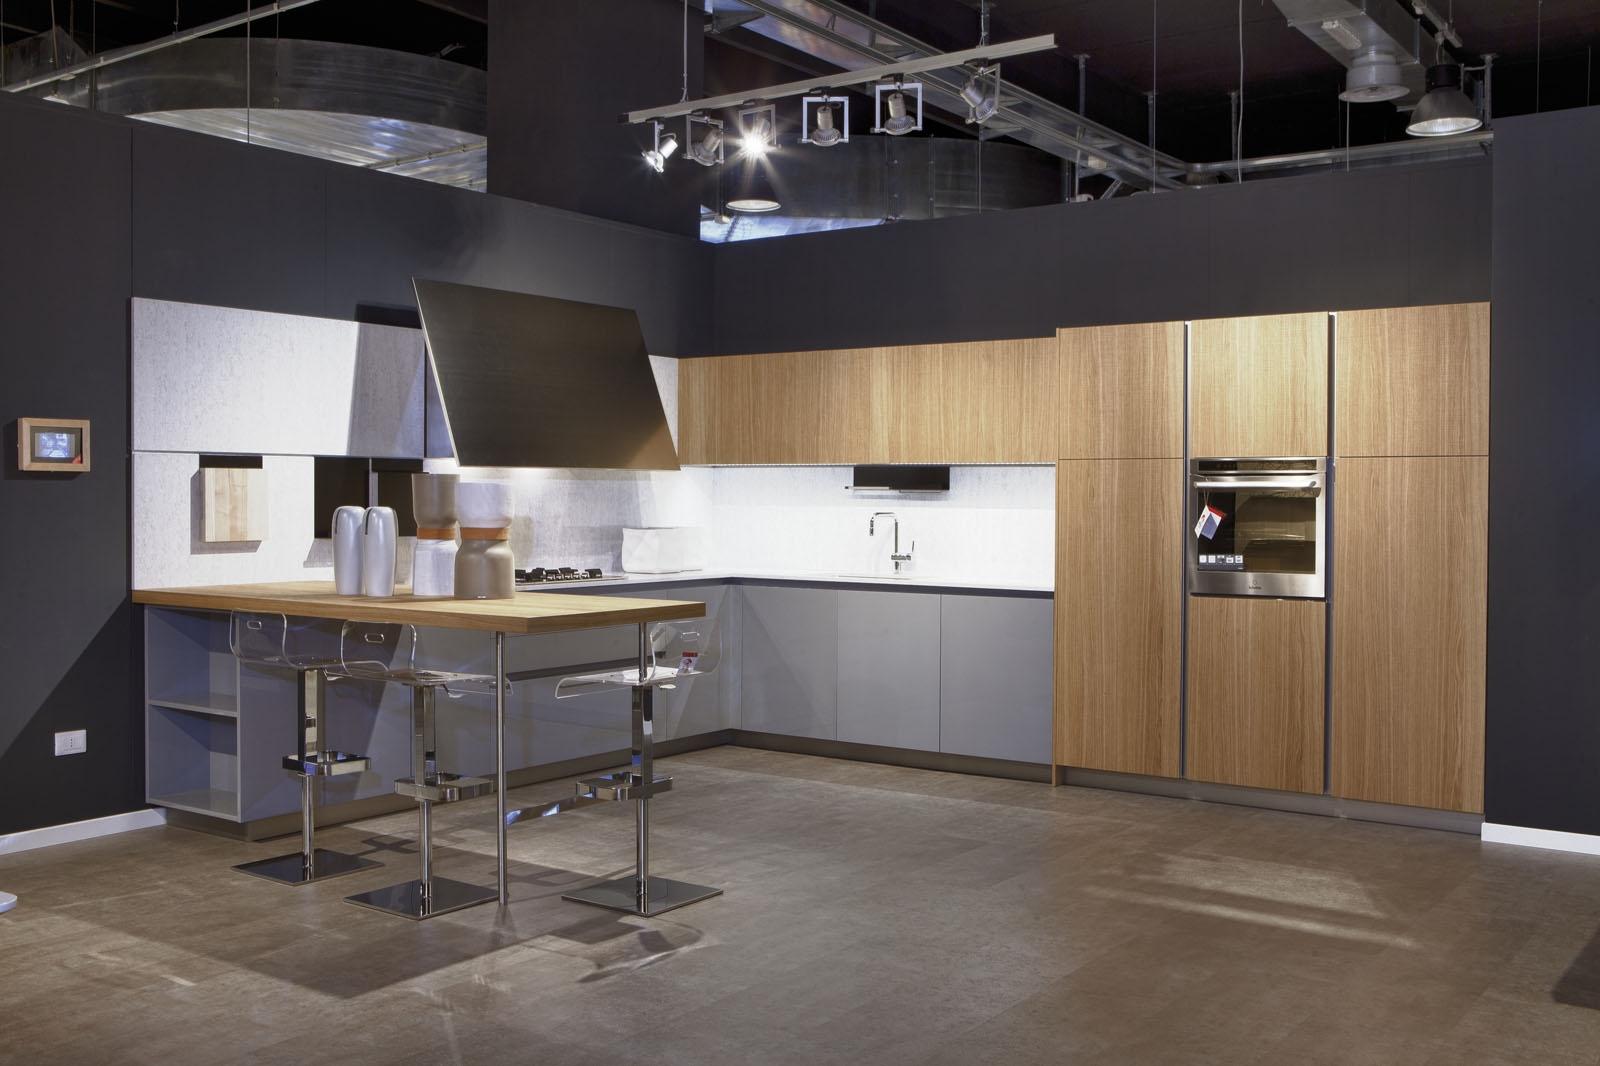 Elmar cucine cucina slim design legno rovere chiaro - Cucina nera legno ...